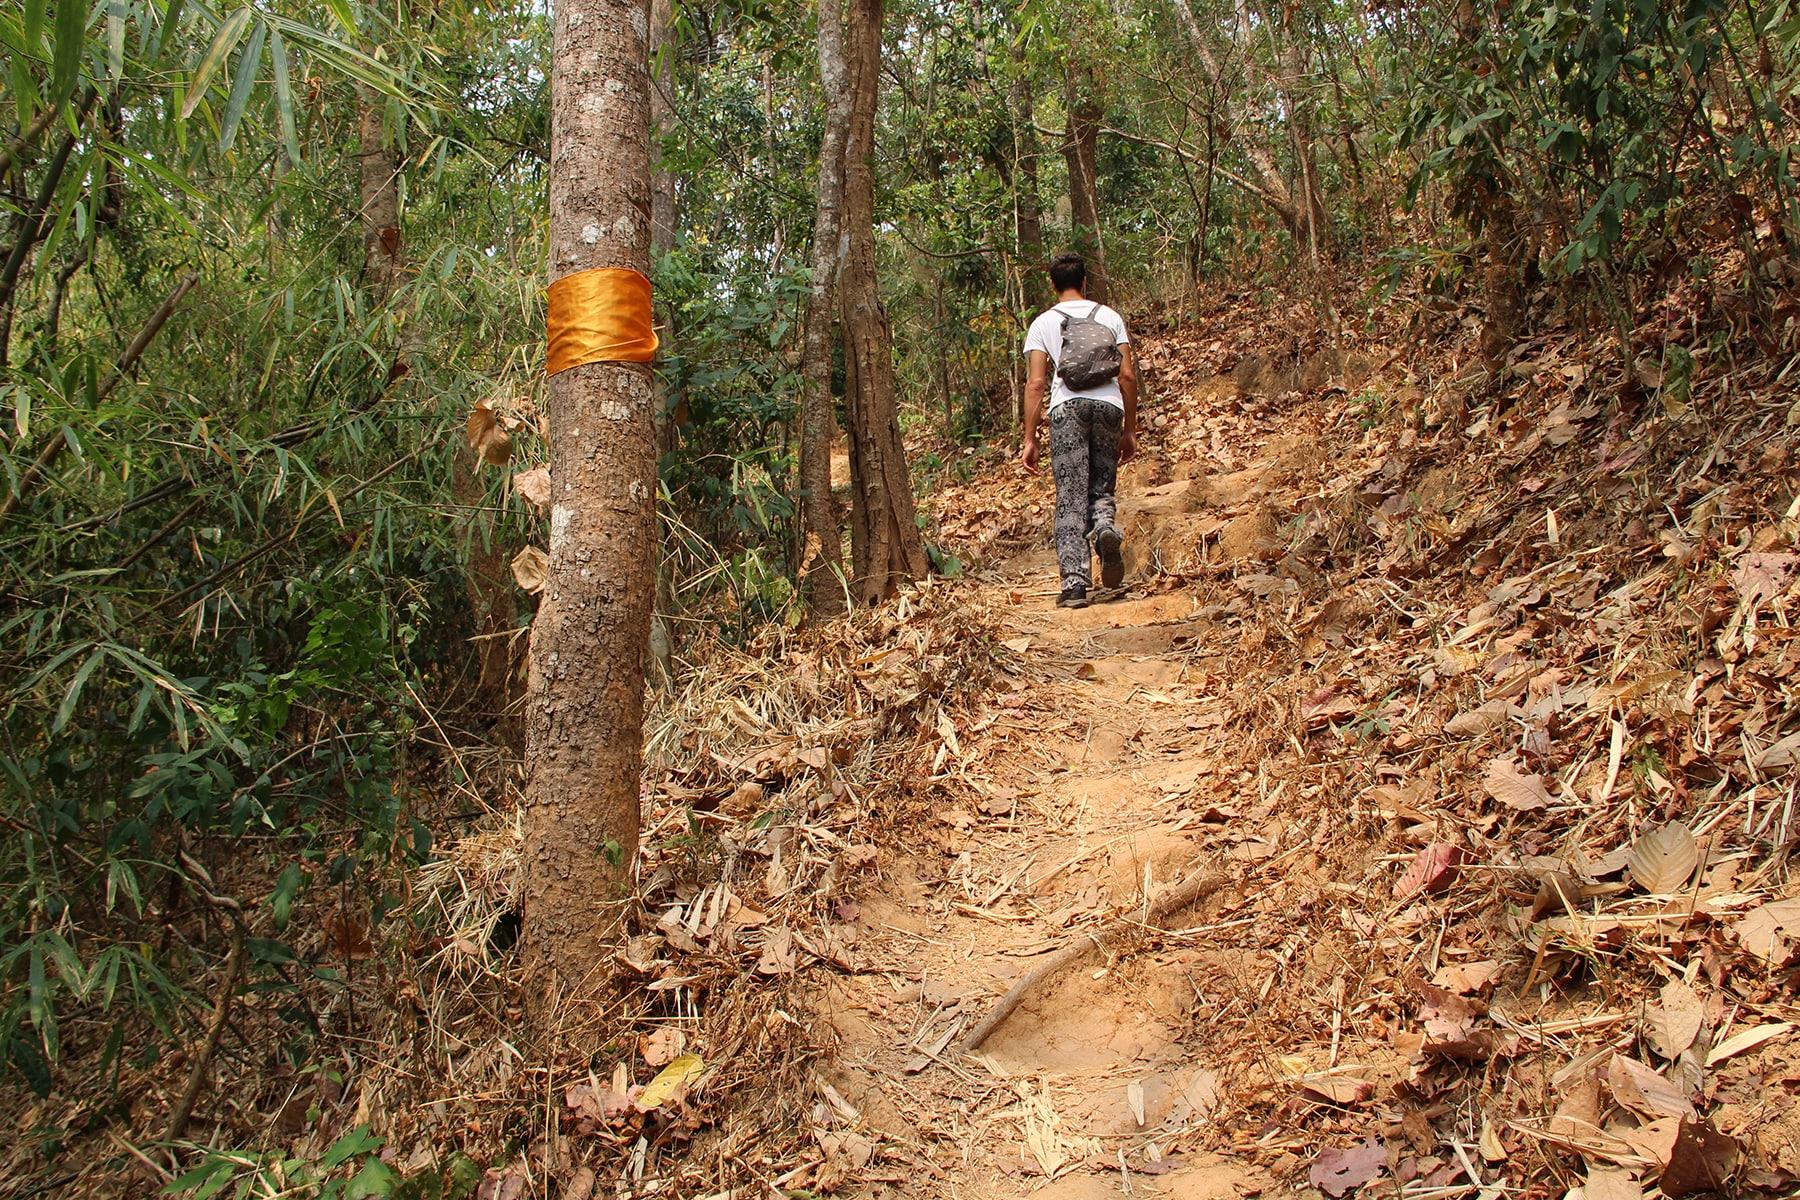 """Homme suivant les tissus orange indiquant le """"Sentier des moines"""" dans le parc national de Doi Suthep à Chiang Mai"""